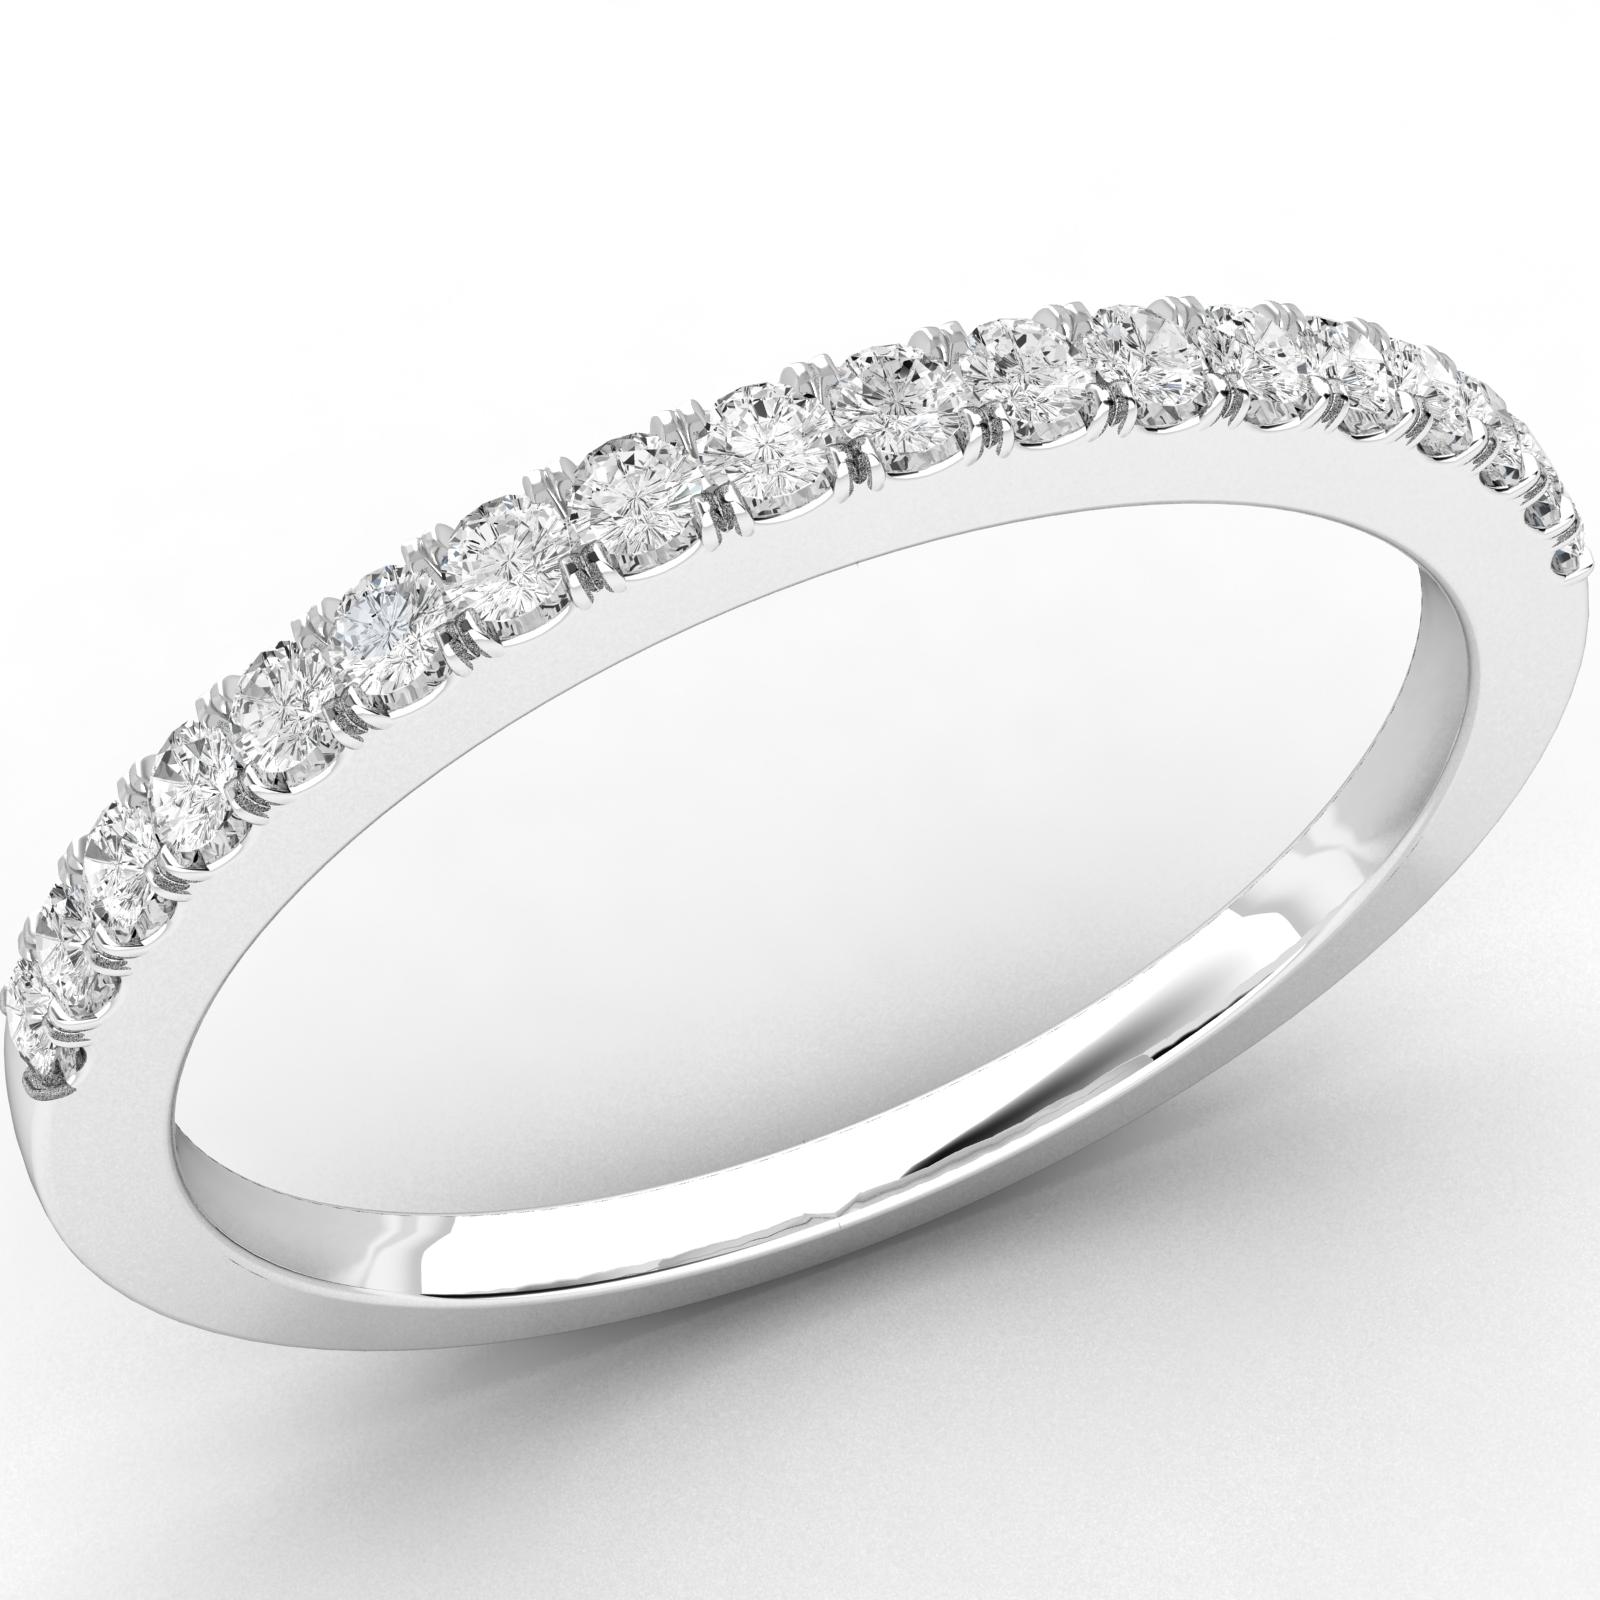 Verigheta cu Diamant/ Inel Eternity Dama Platina cu 18 Diamante Rotund Briliant in Setare Gheare, Latime 2mm-img1